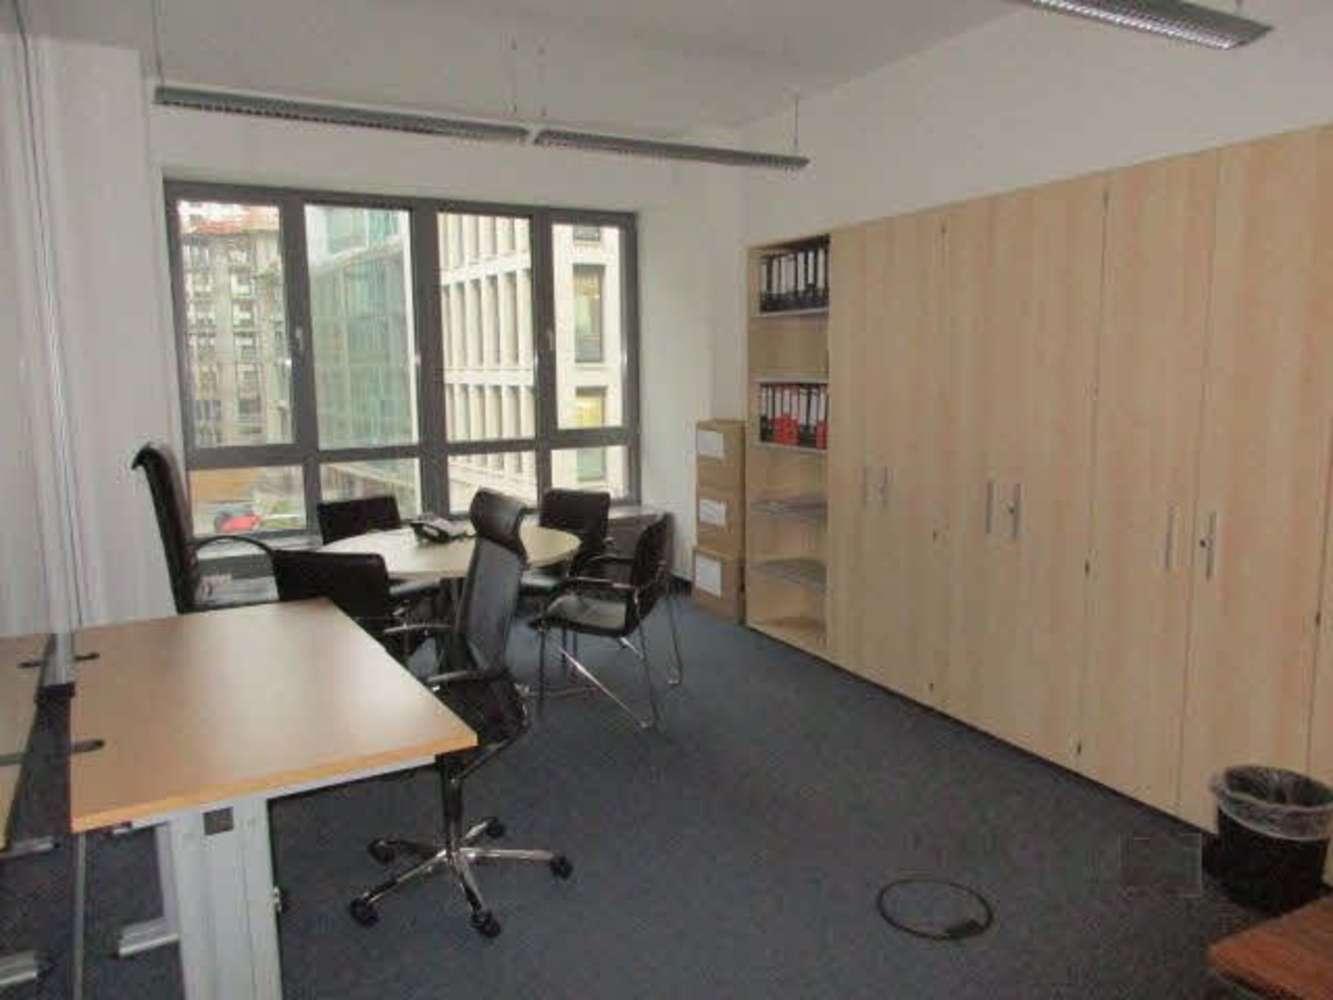 Büros Frankfurt am main, 60311 - Büro - Frankfurt am Main, Innenstadt - F1392 - 10563681